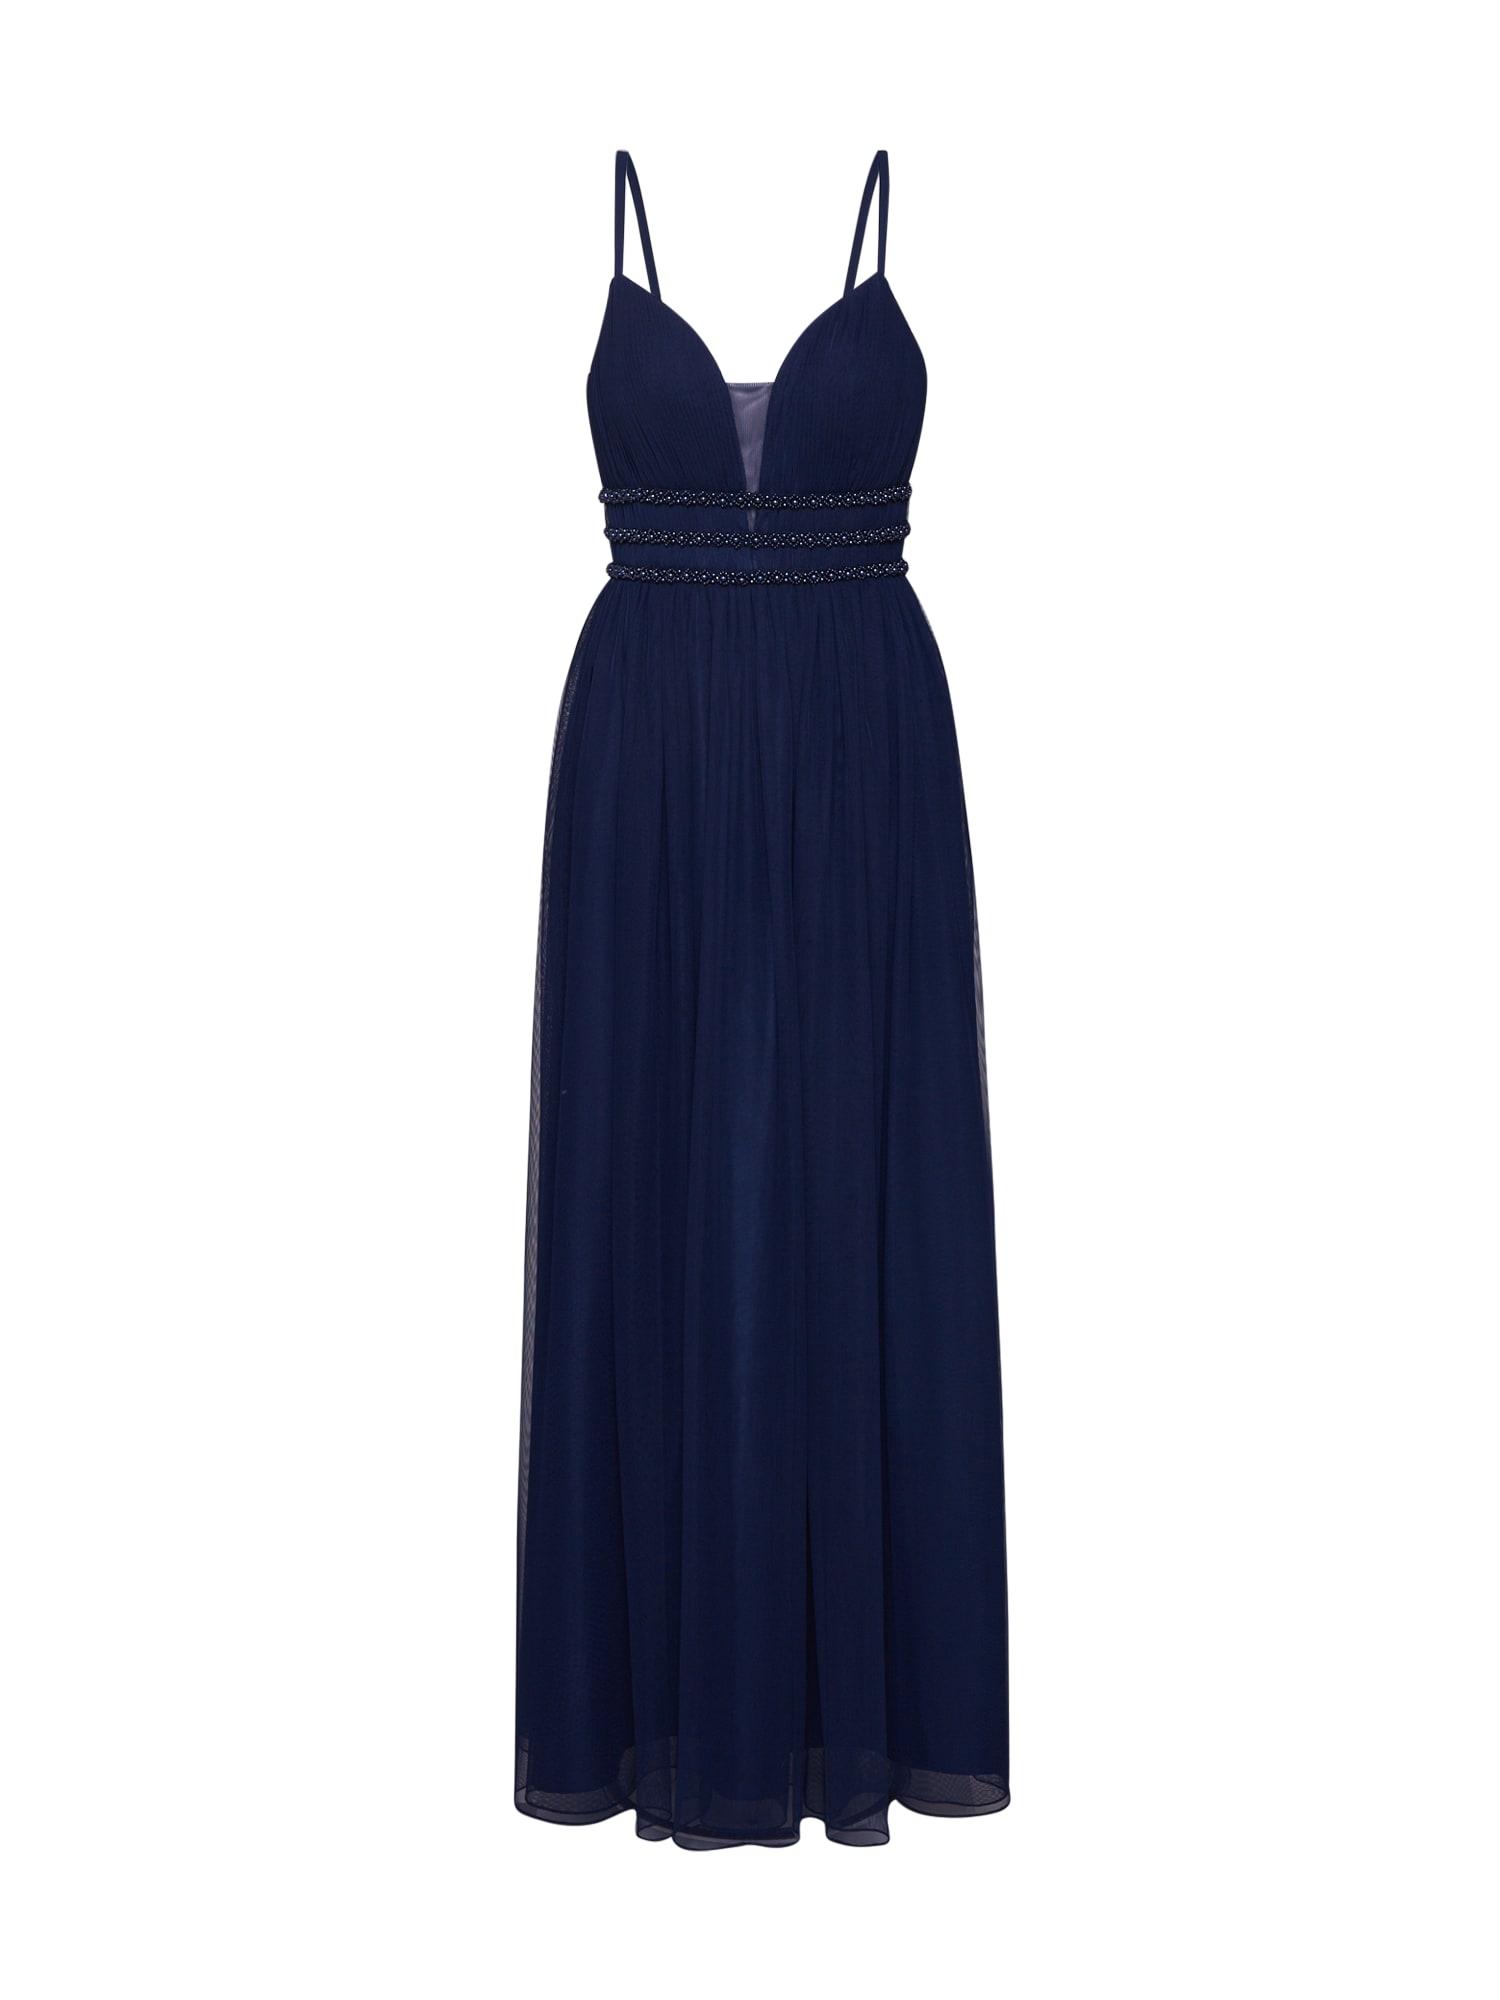 Laona Vakarinė suknelė šviesiai mėlyna / tamsiai mėlyna / tamsiai mėlyna